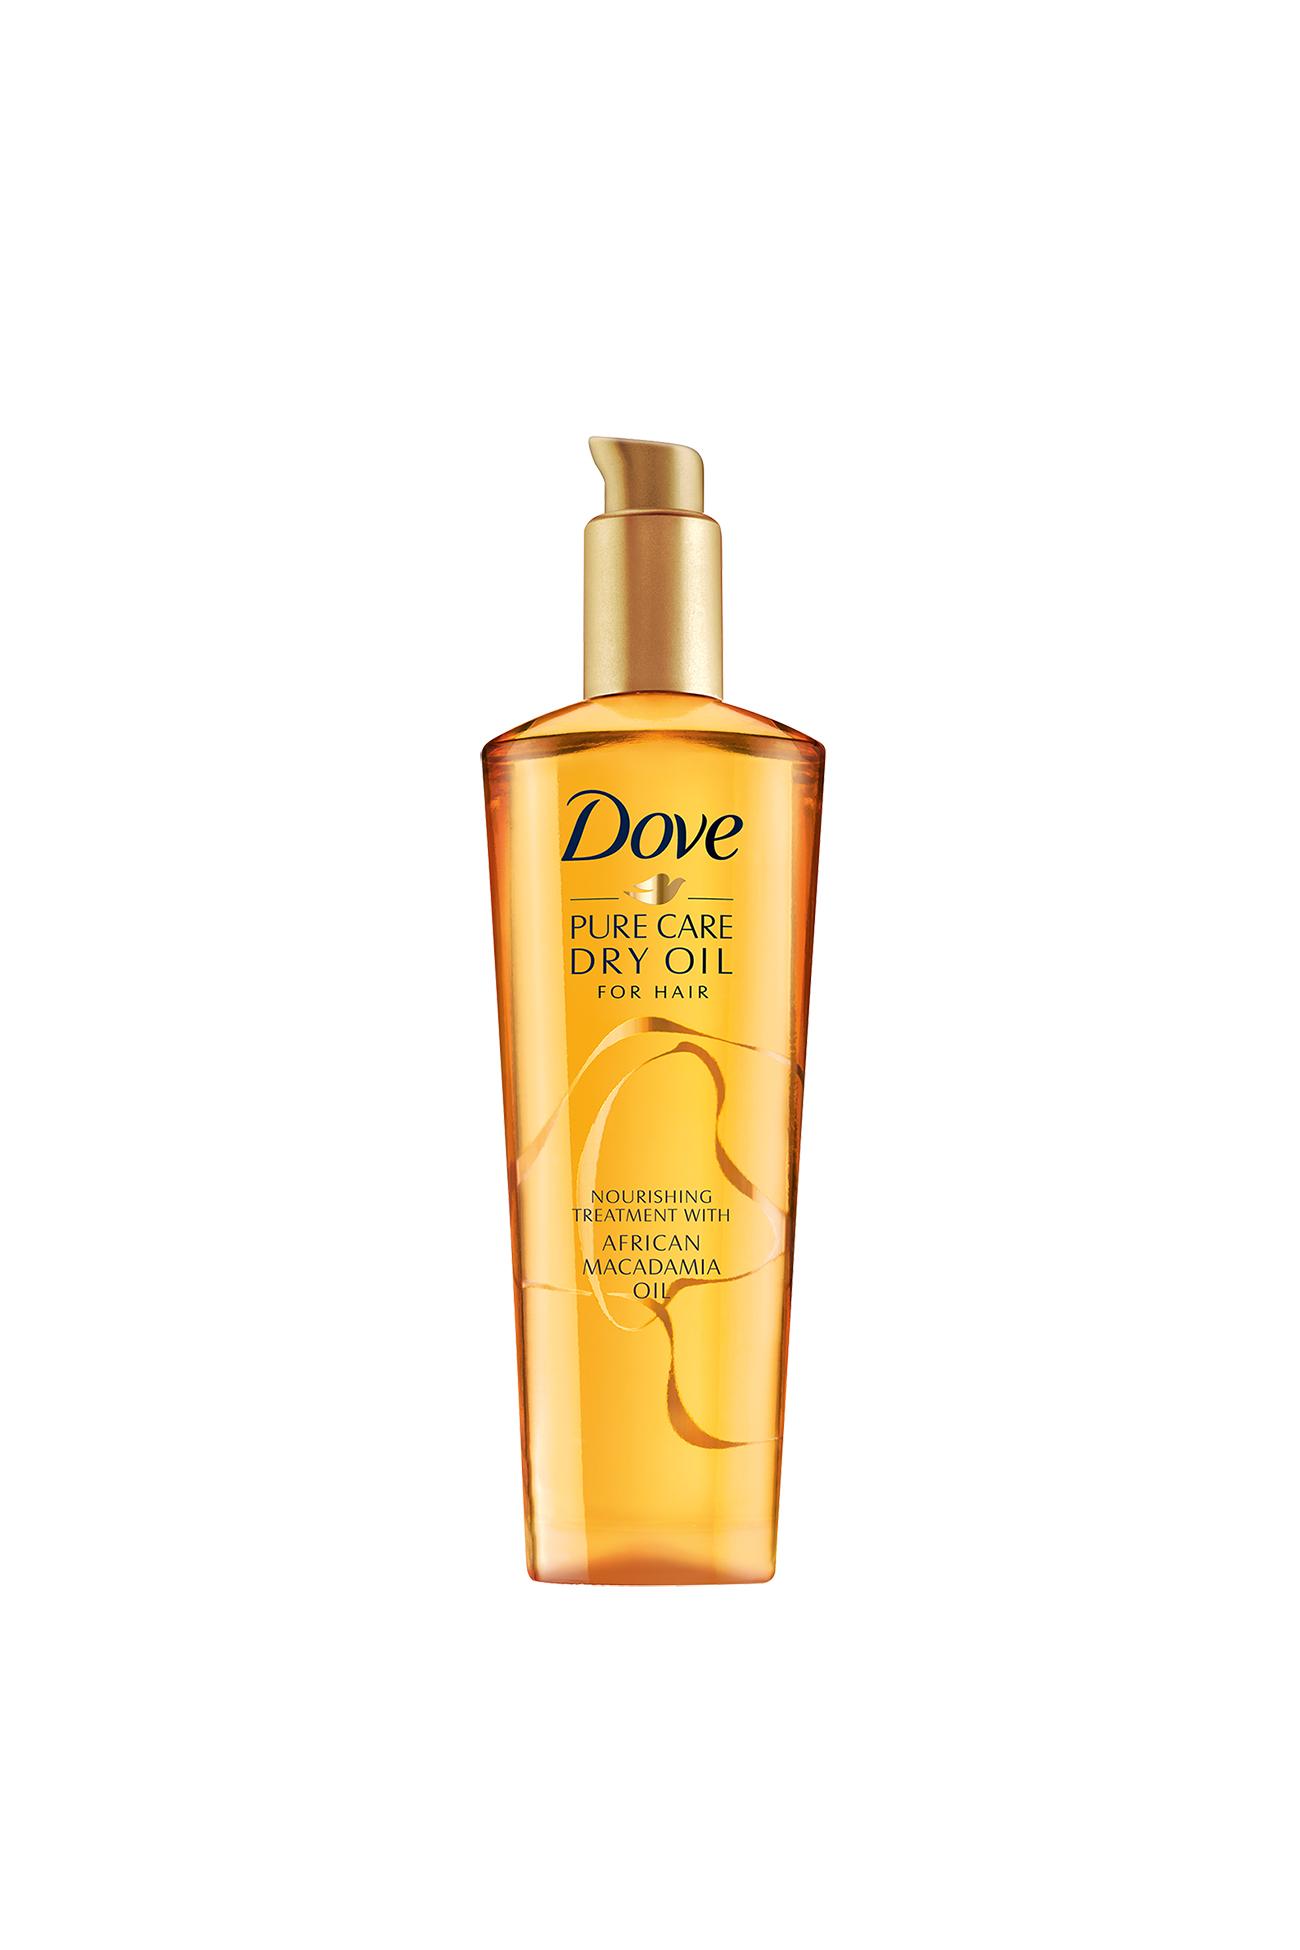 10 Best Hair Oils to Repair Dry, Frizzy Hair - Best Oil ...